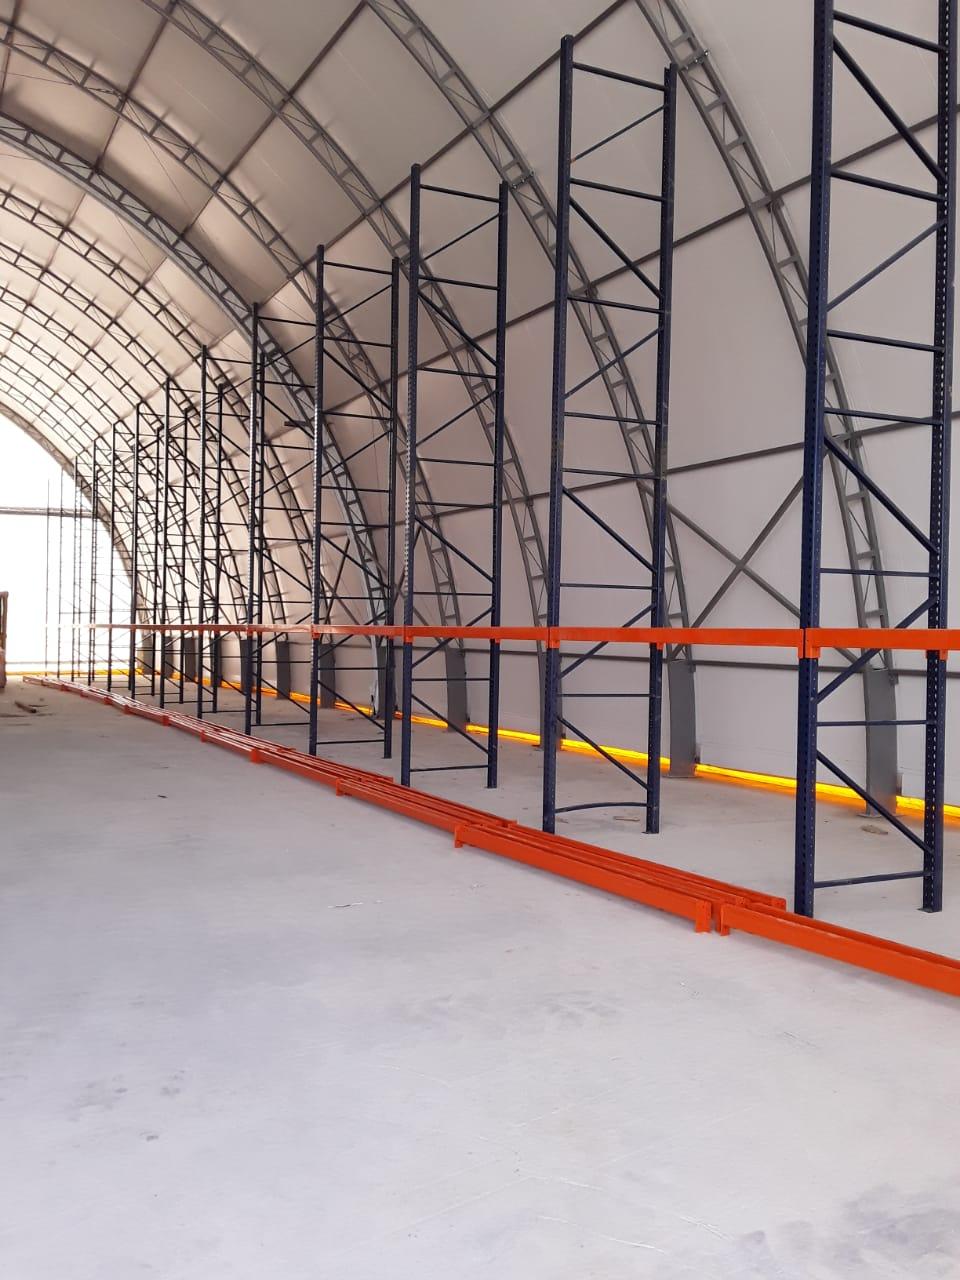 estanteria metalica industrial Pesada para ecobodegas ecopetrol solmetal (5)